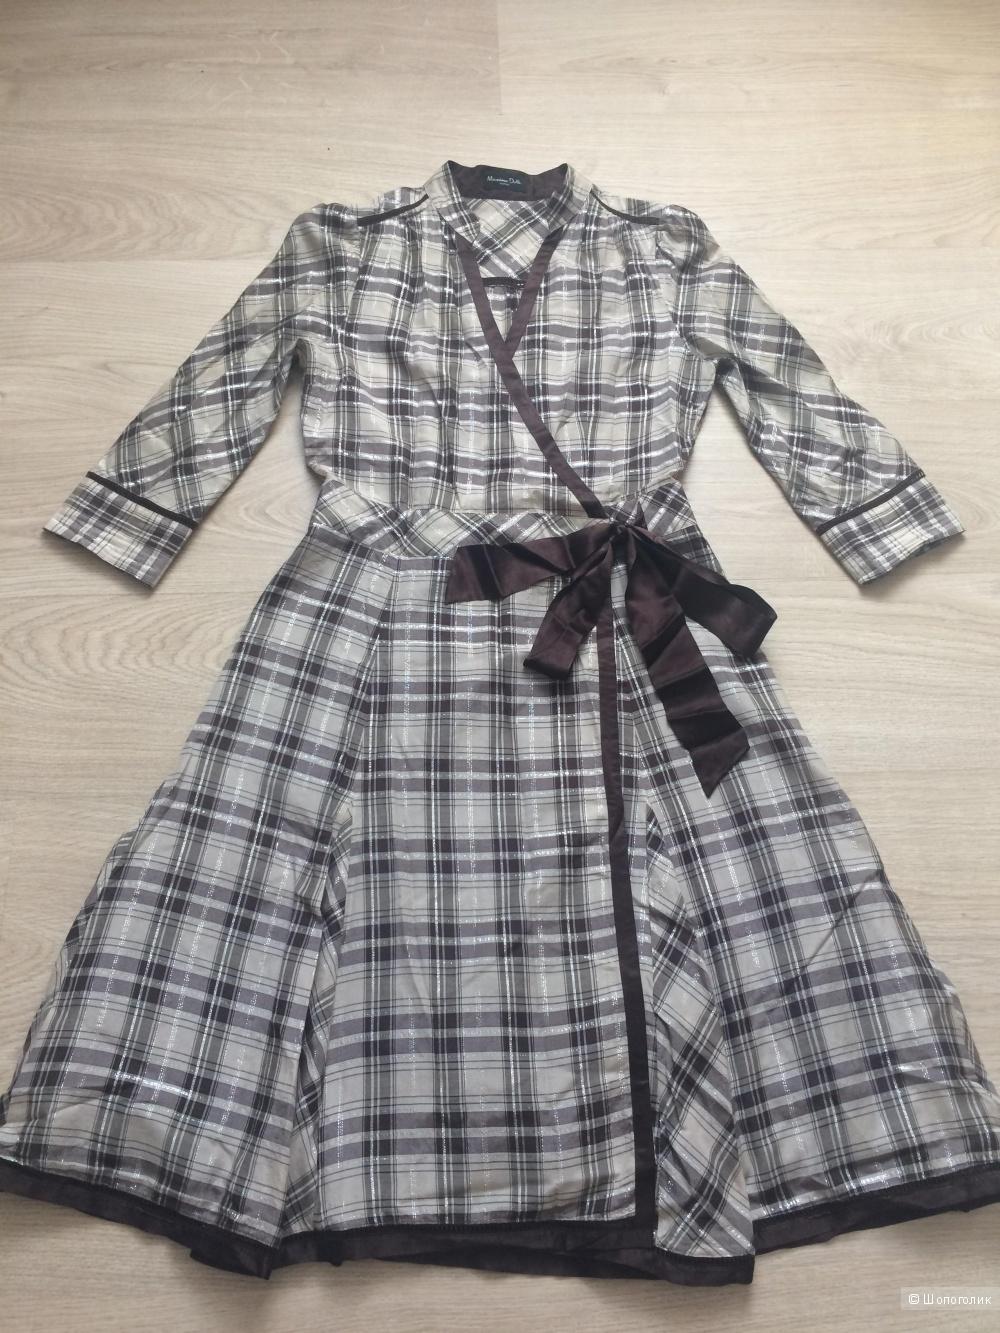 Платье Massimo dutti, S-M (44-46)